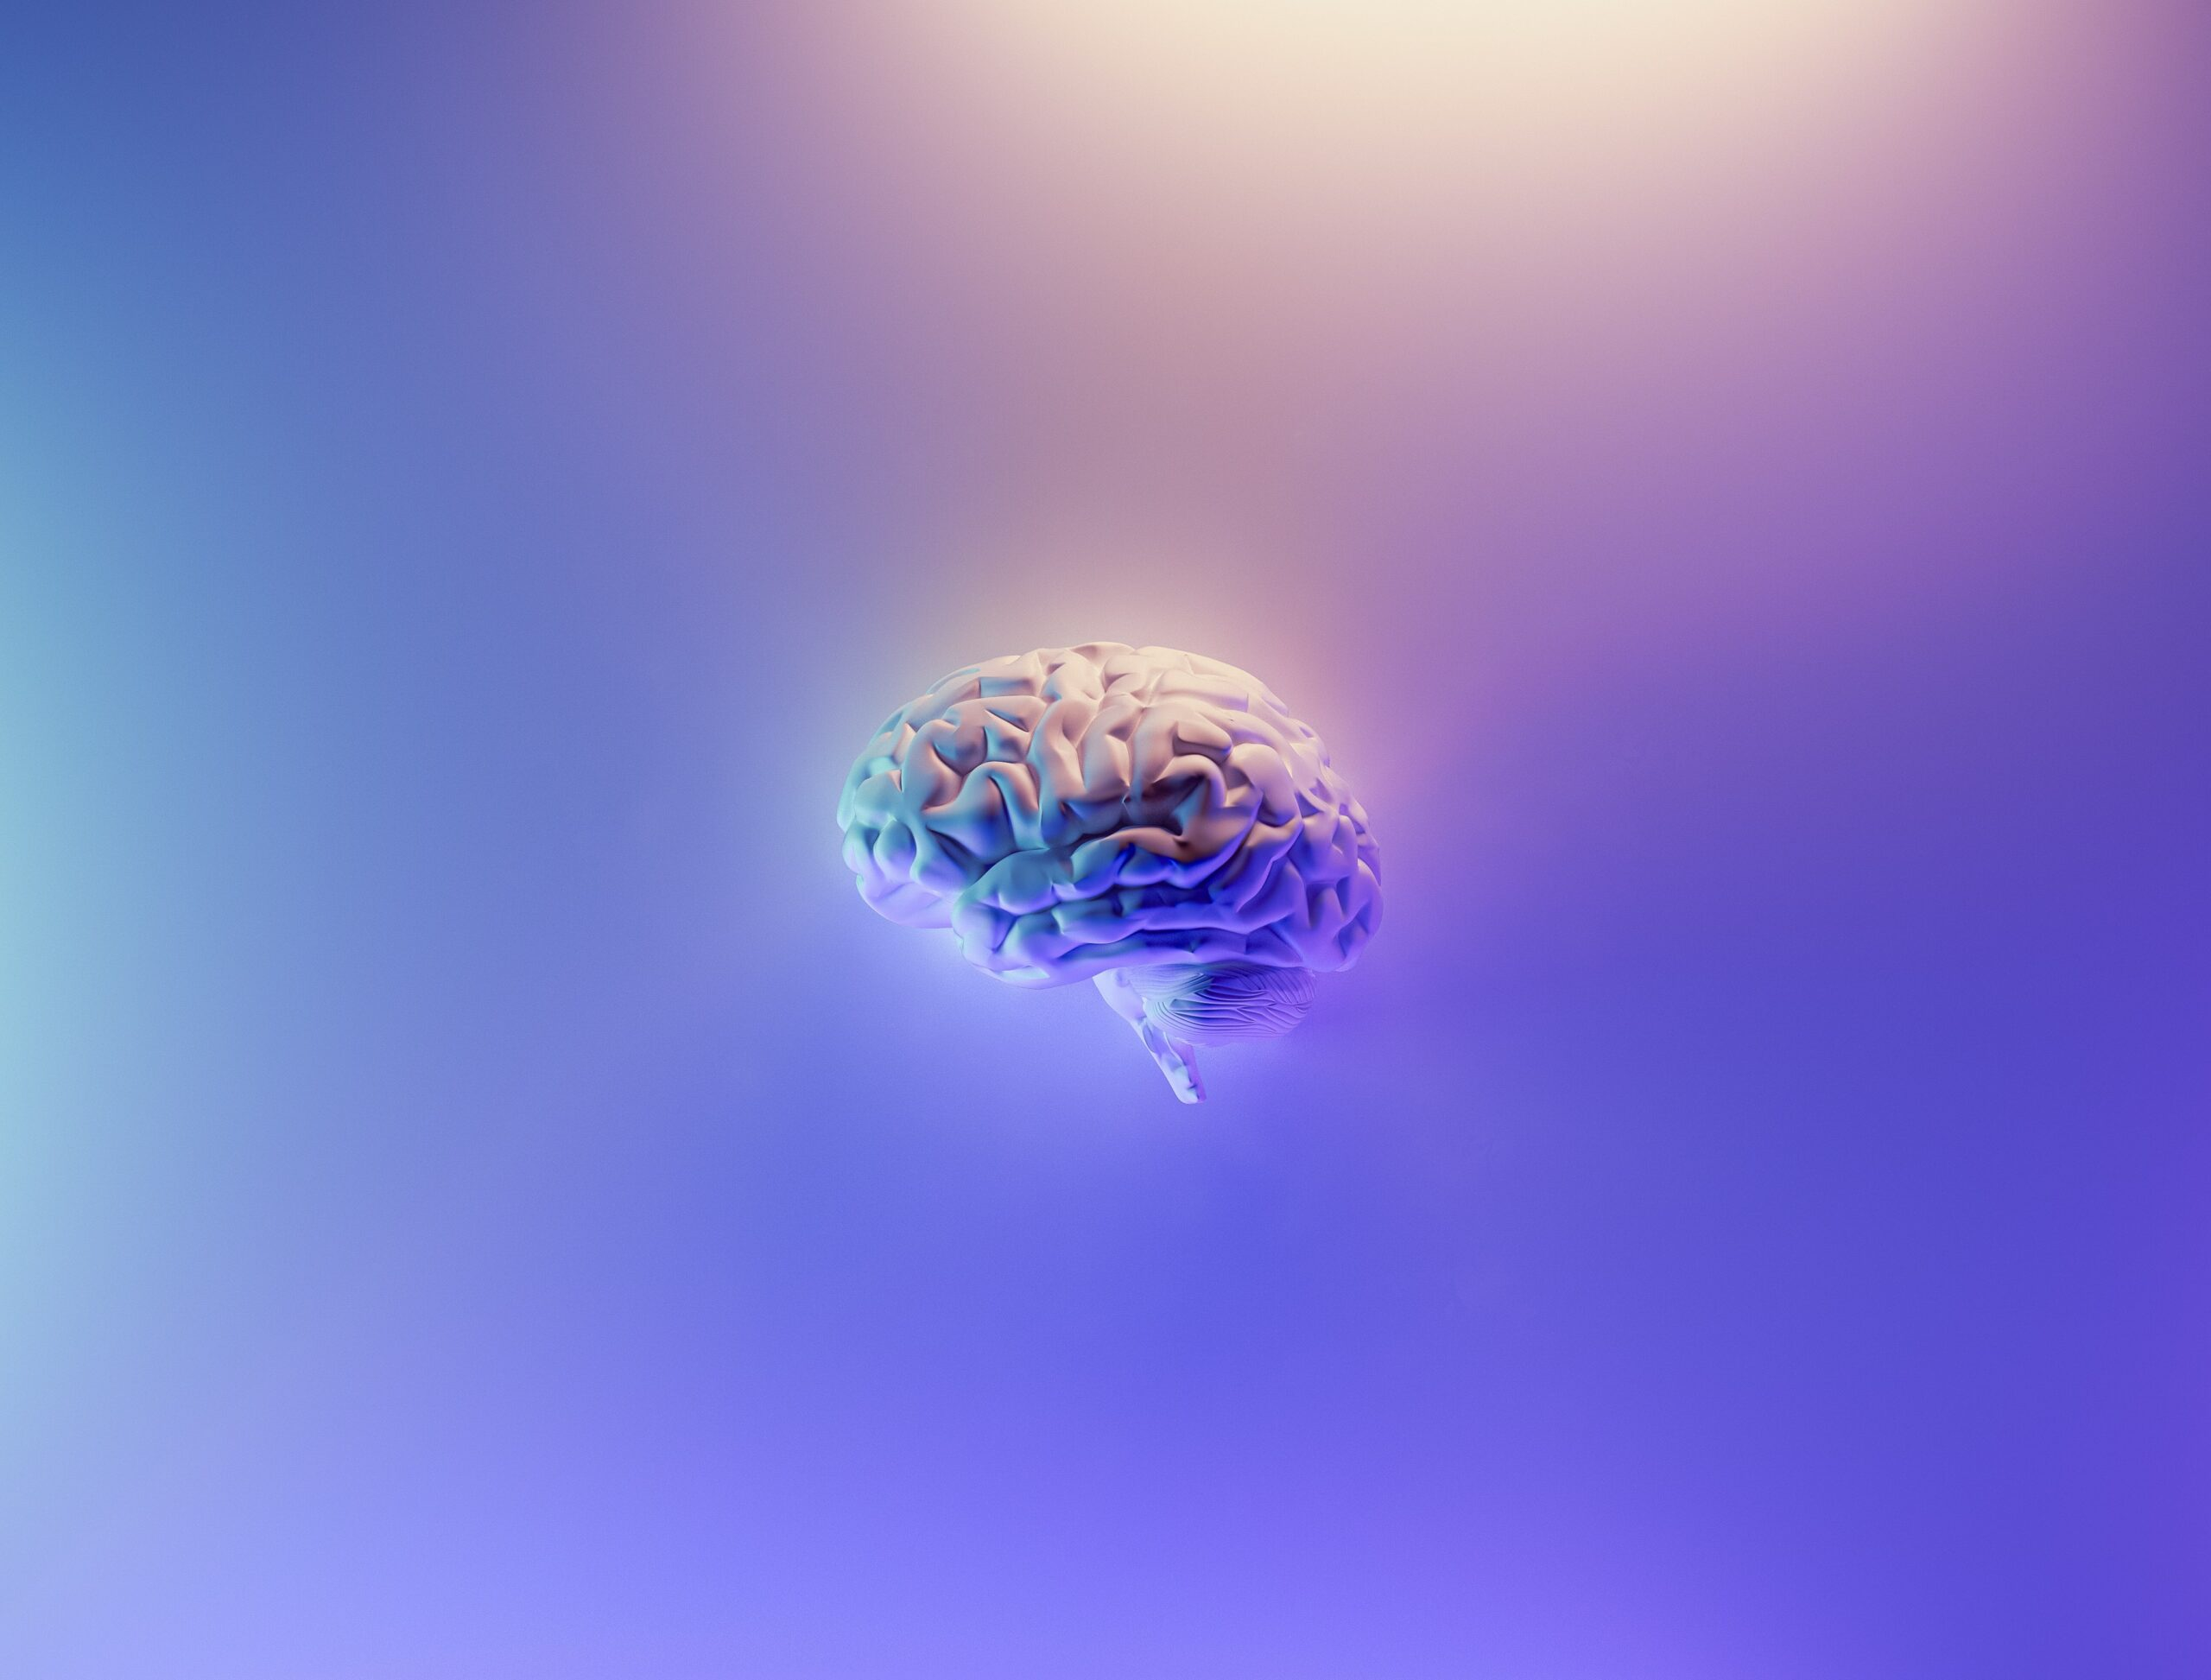 L'interleukine-3 : une nouvelle piste vers un traitement de la maladie d'Alzheimer